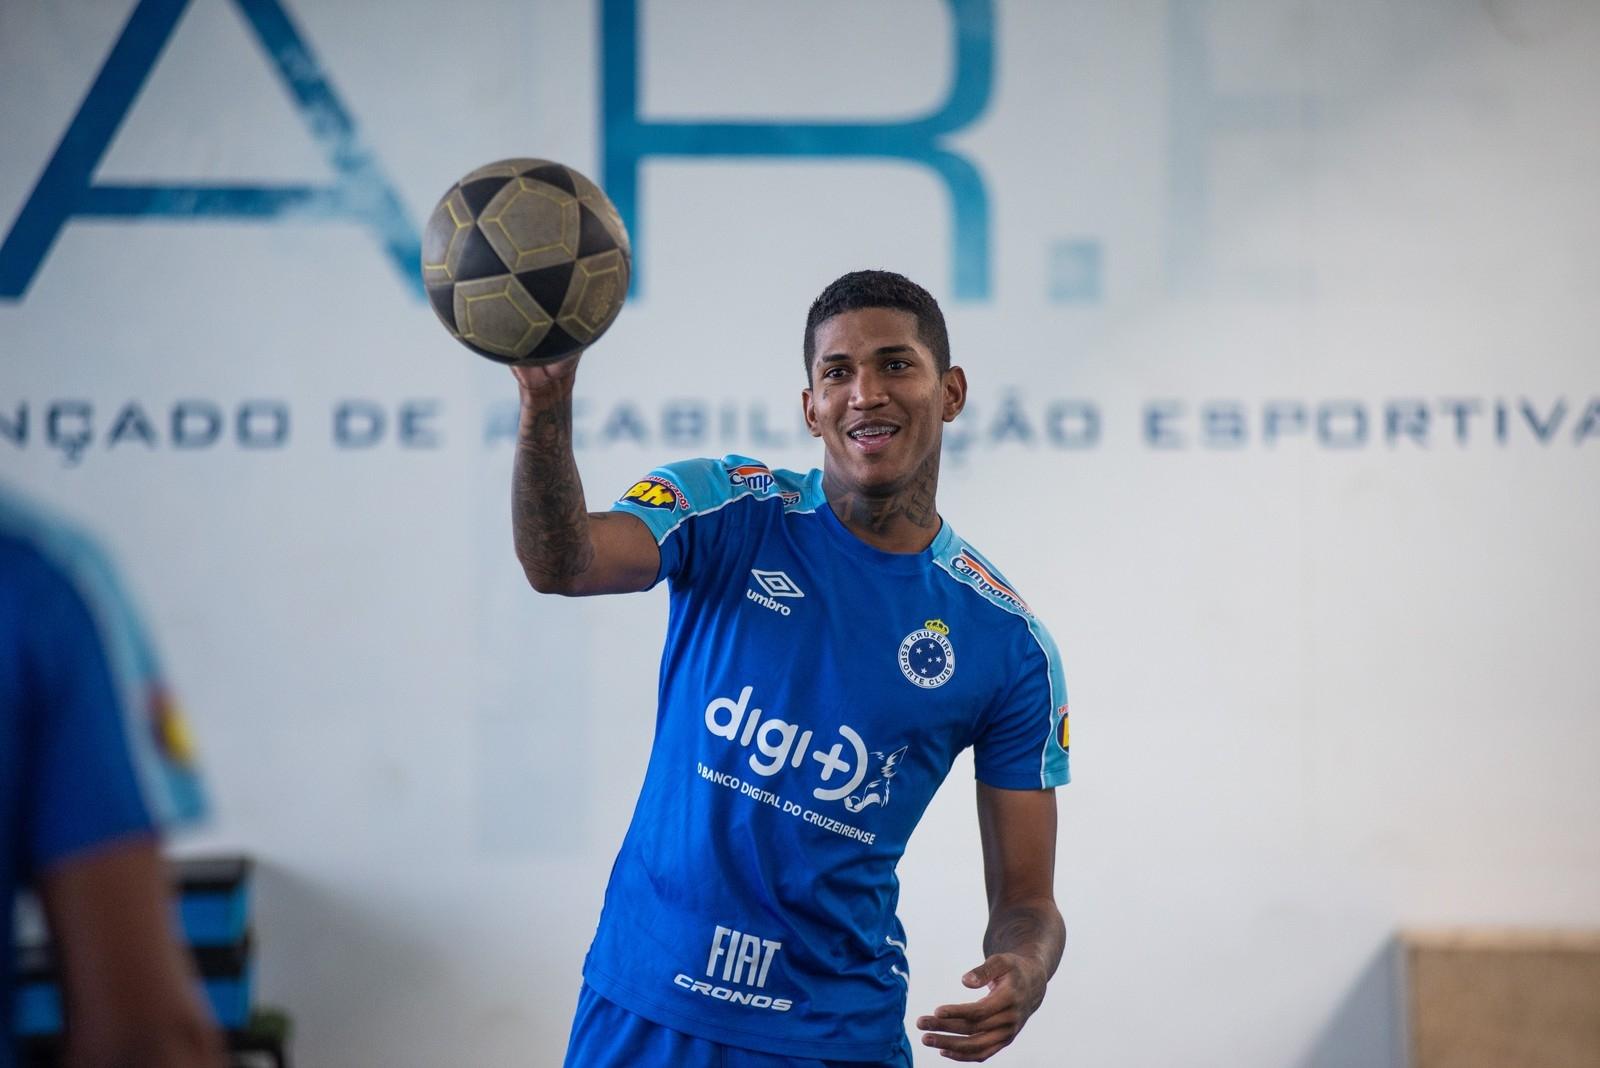 Tricolor avalia tempo de contrato do jogador, que ser contratado em definitivo